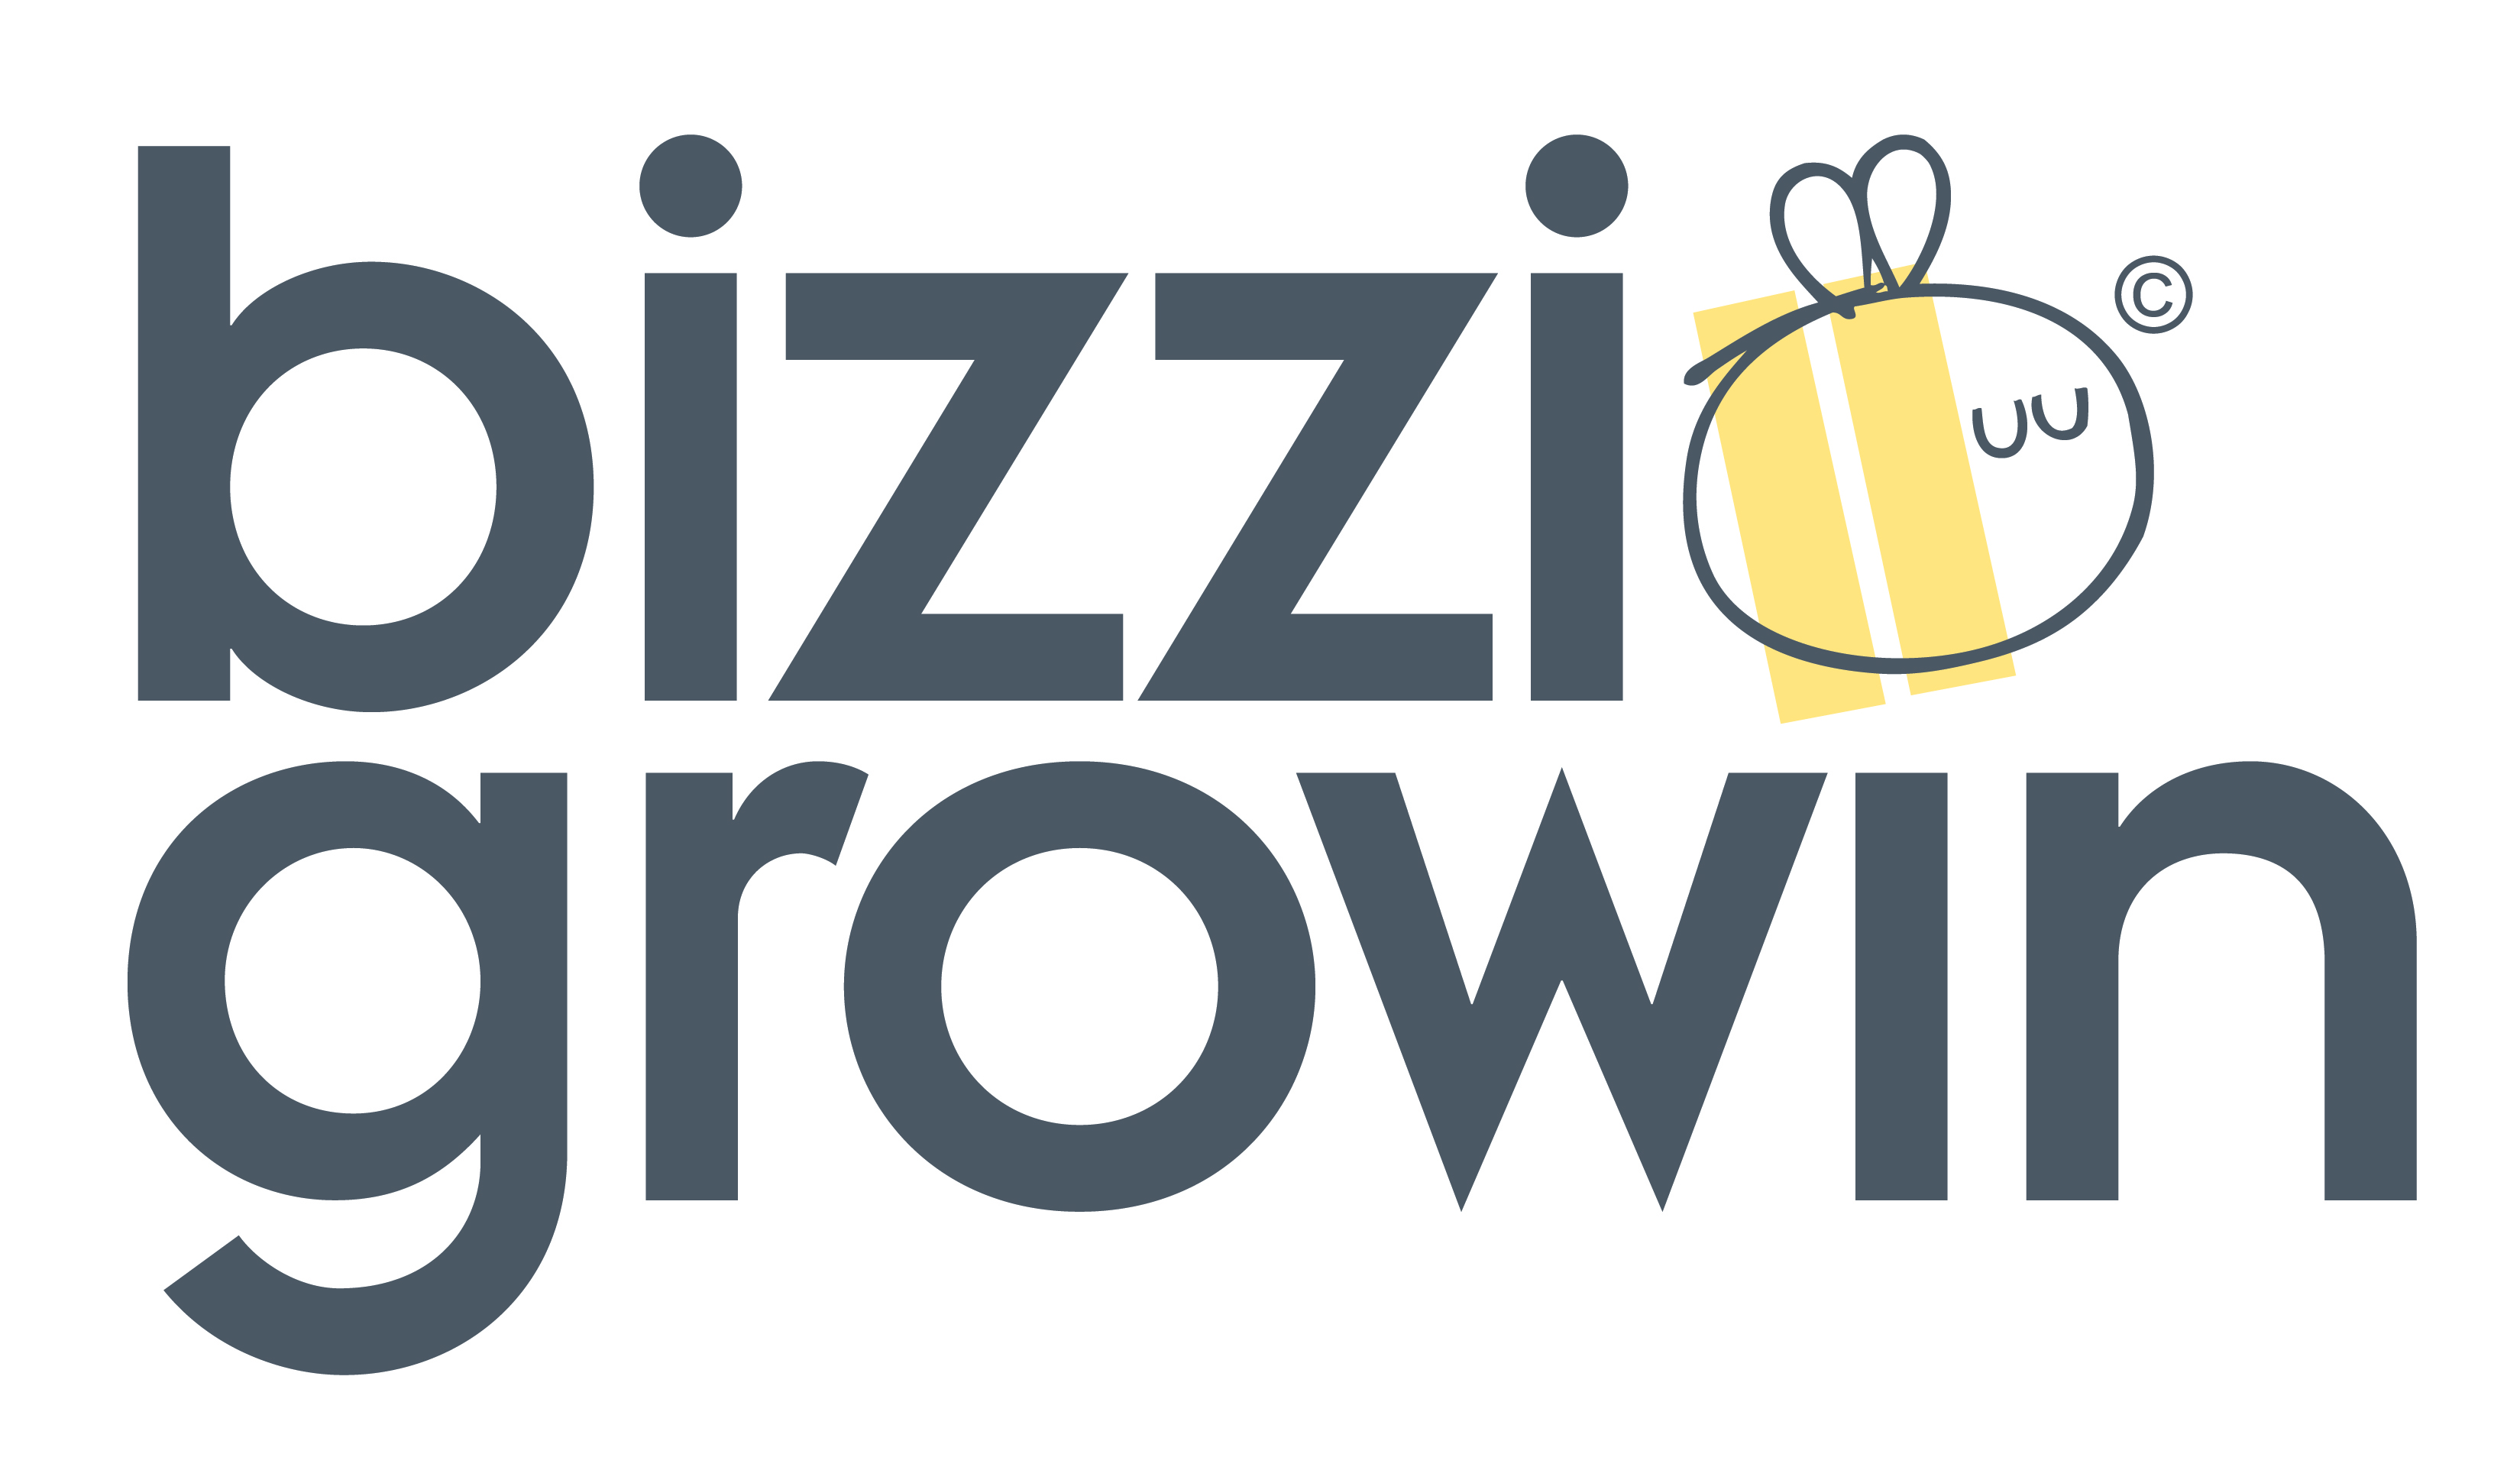 Bizzi Growin